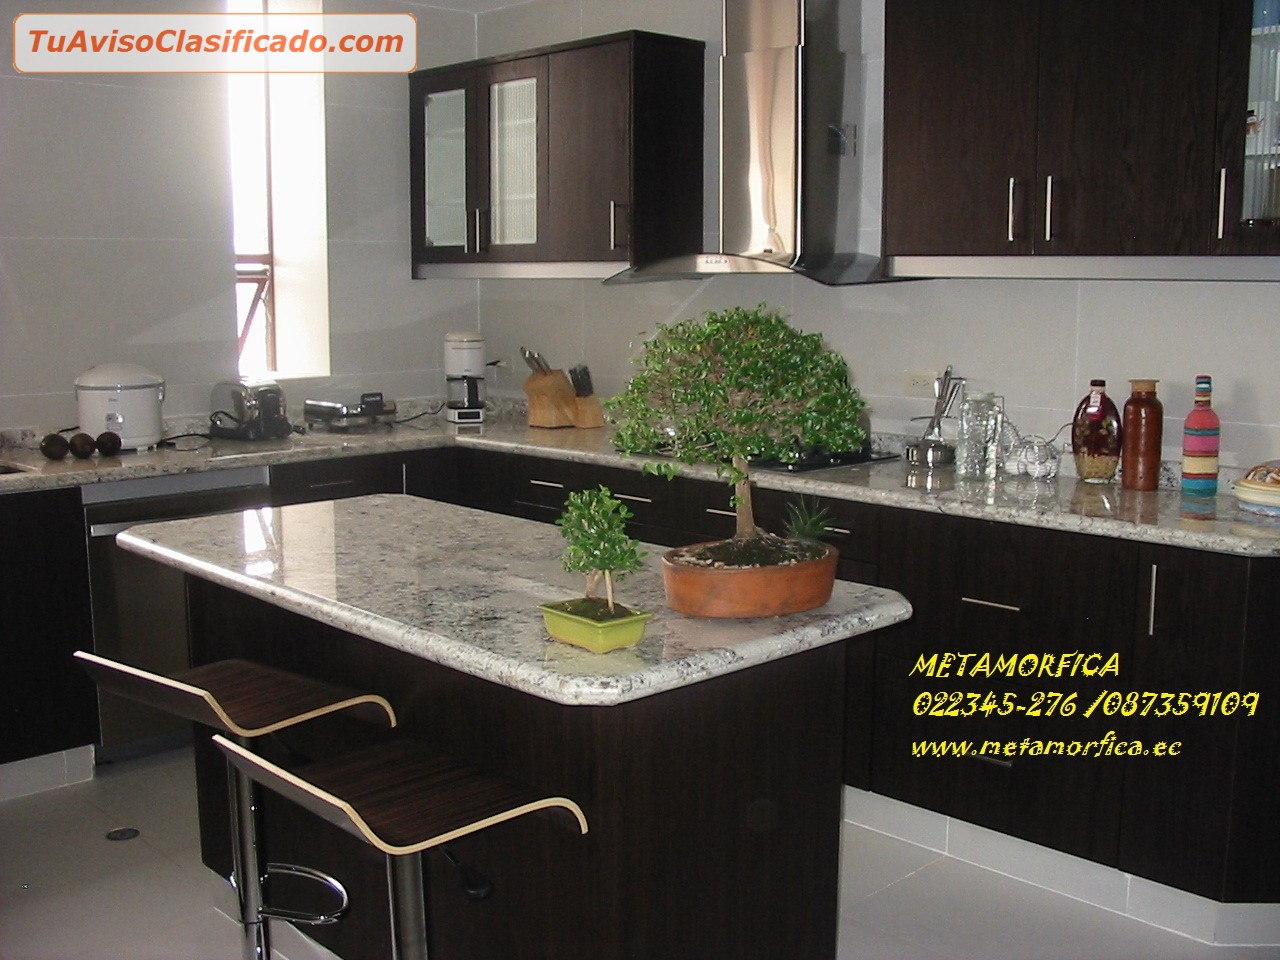 Marmoles maderas y granitos mobiliario y equipamiento for Marmoles y granitos para cocinas